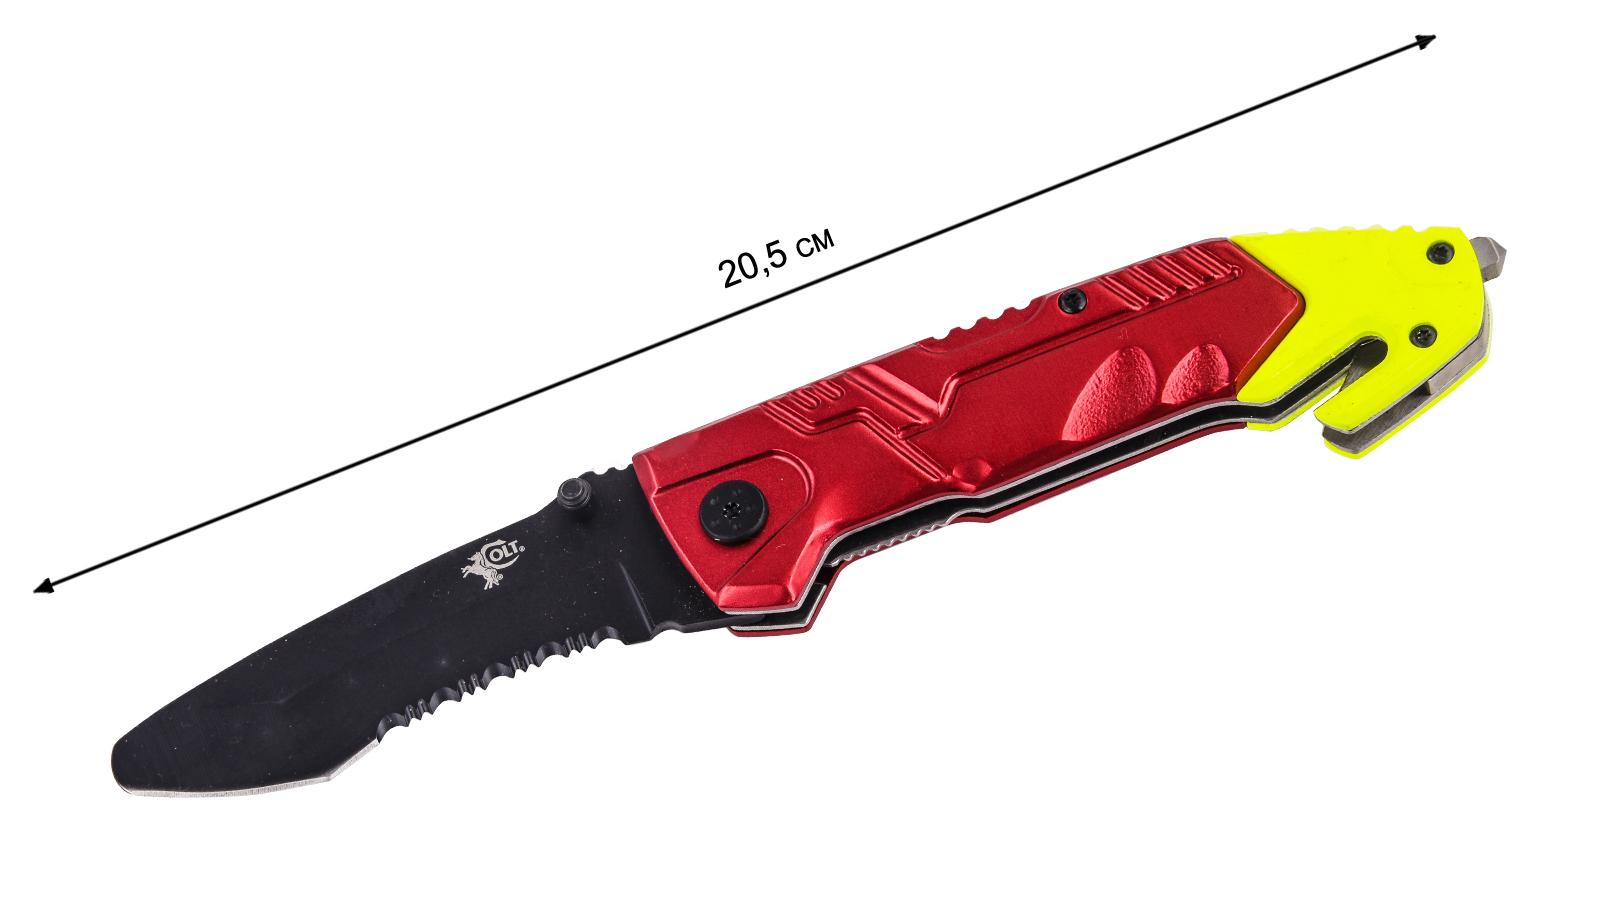 Спасательный нож со стеклобоем Colt Rescue Linerlock CT492 (США) в военторге Военпро